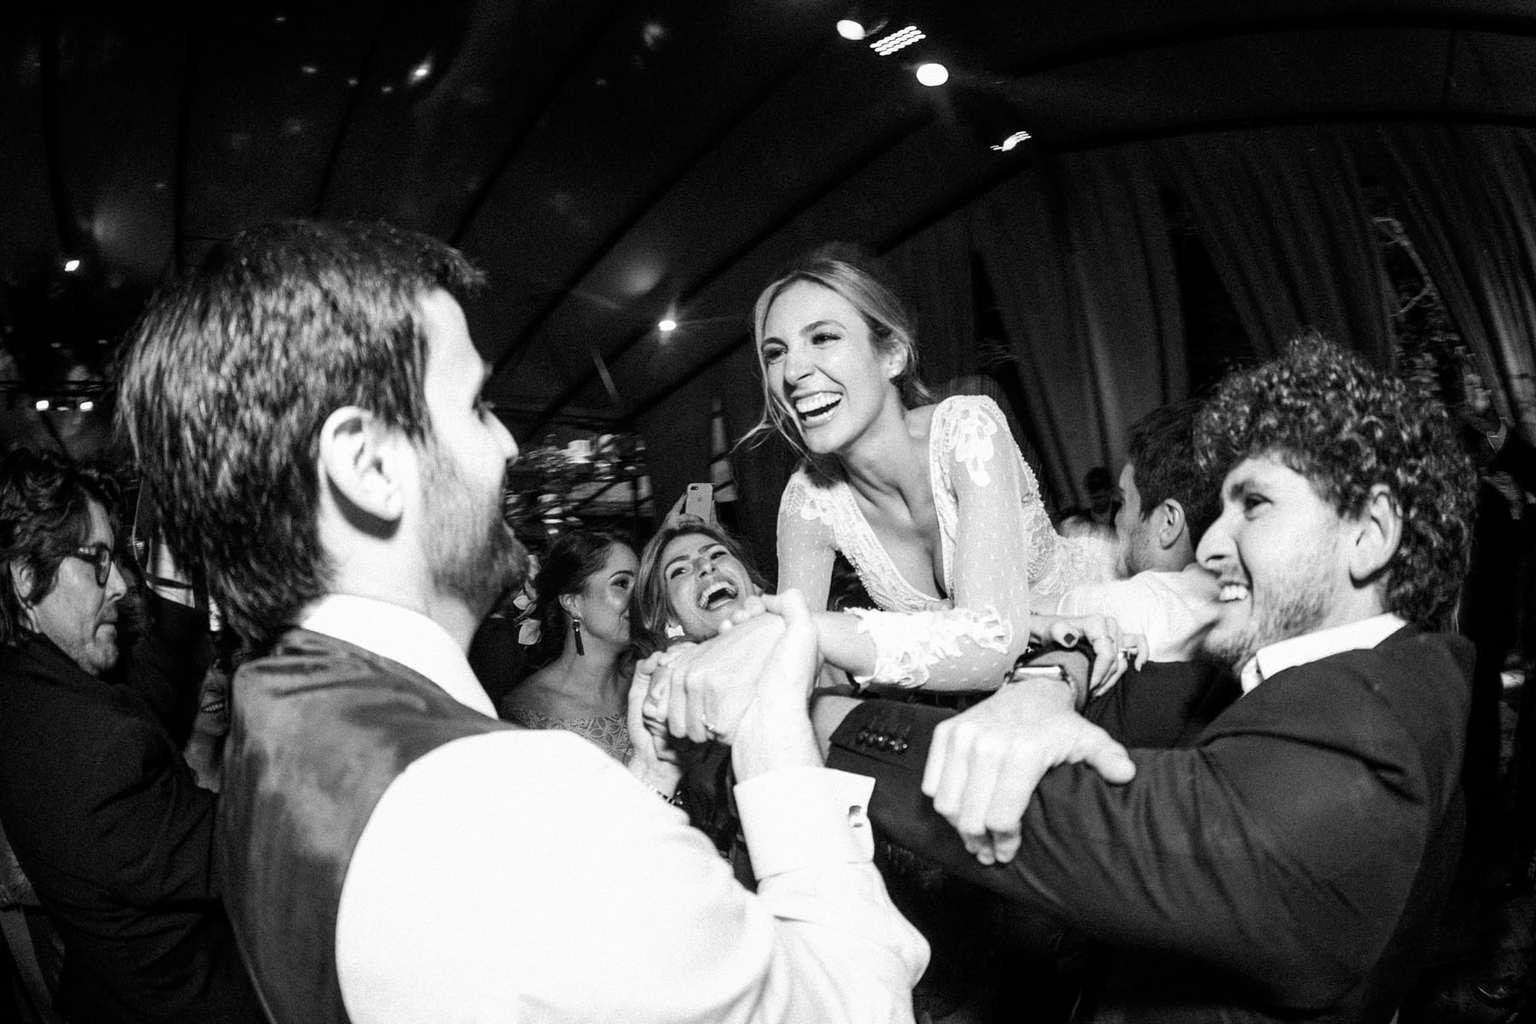 casamento-Camila-e-Diogo-casamento-na-fazenda-casamento-na-serra-casamento-romântico-destination-wedding-Fazenda-Santo-Antonio-festa-Fotografia-Rodrigo-Sack-93